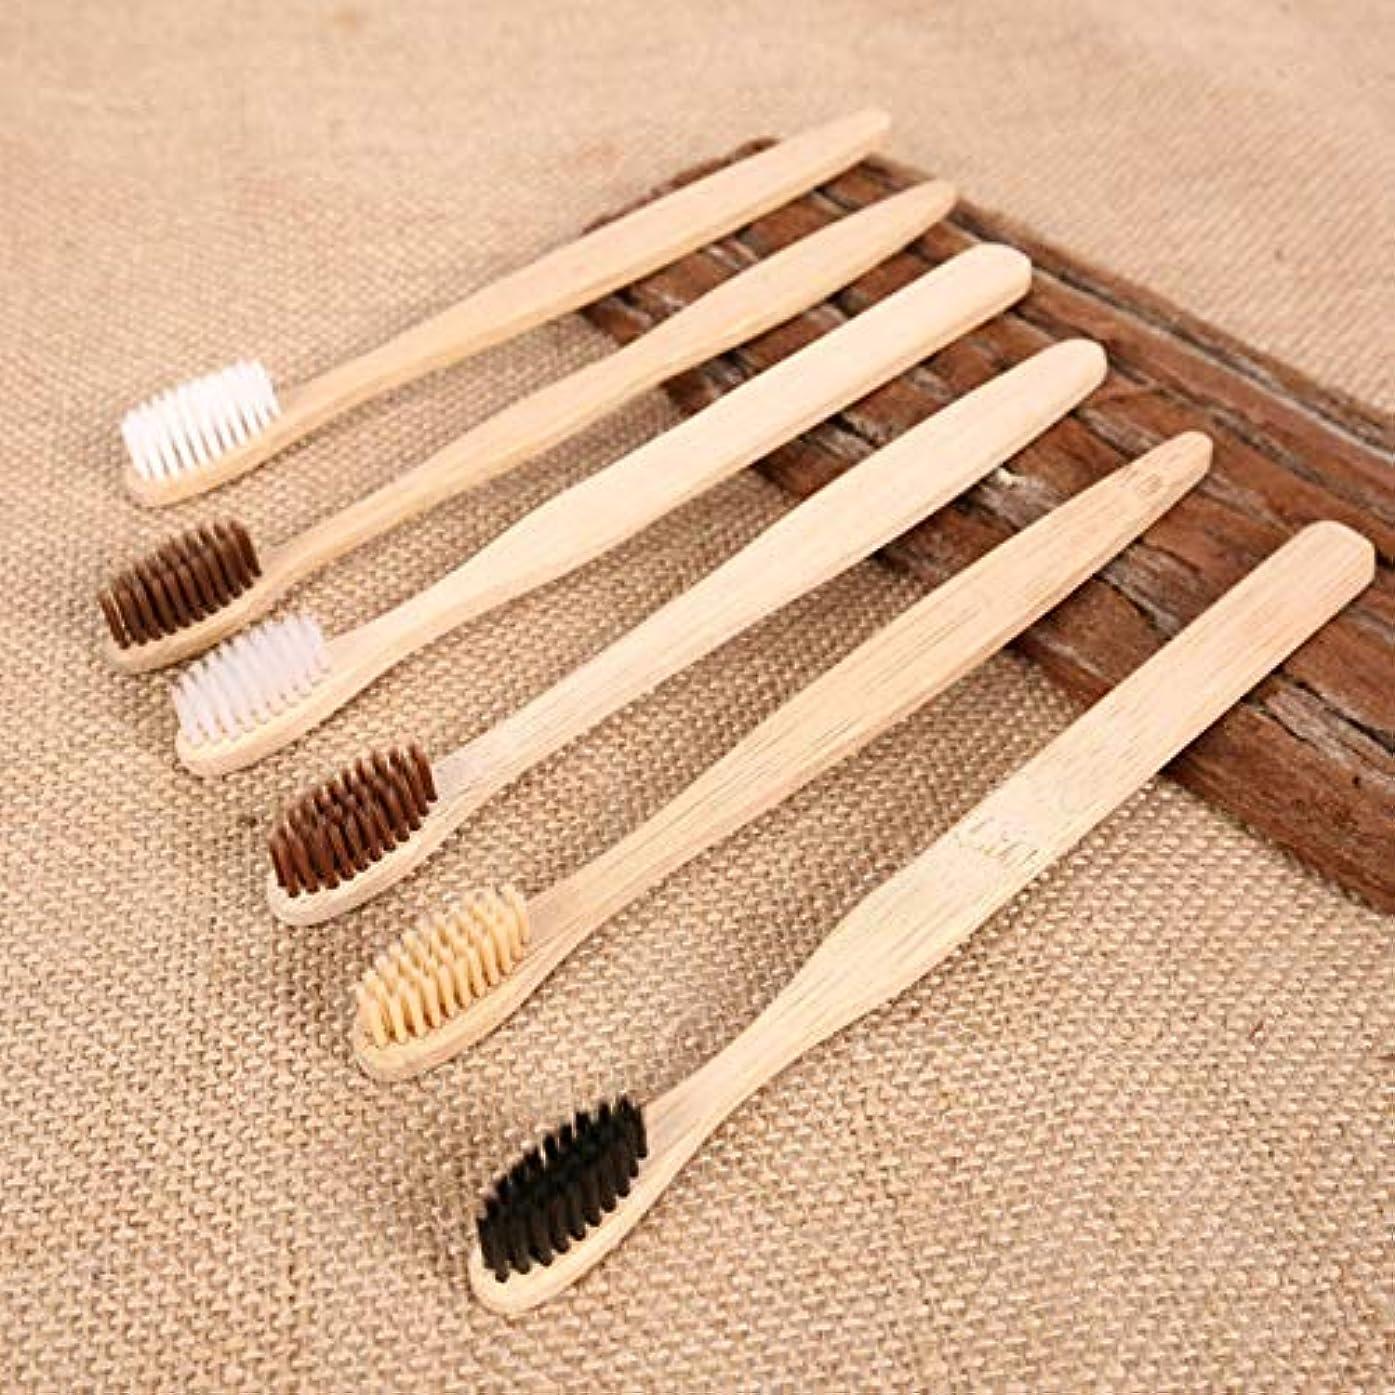 運賃不良マトリックスMoonvvin 10本 ブラシ 大人用 木製歯ブラシ 環境保護 歯ブラシ 柔らかい毛 混合色 携帯用 旅行用